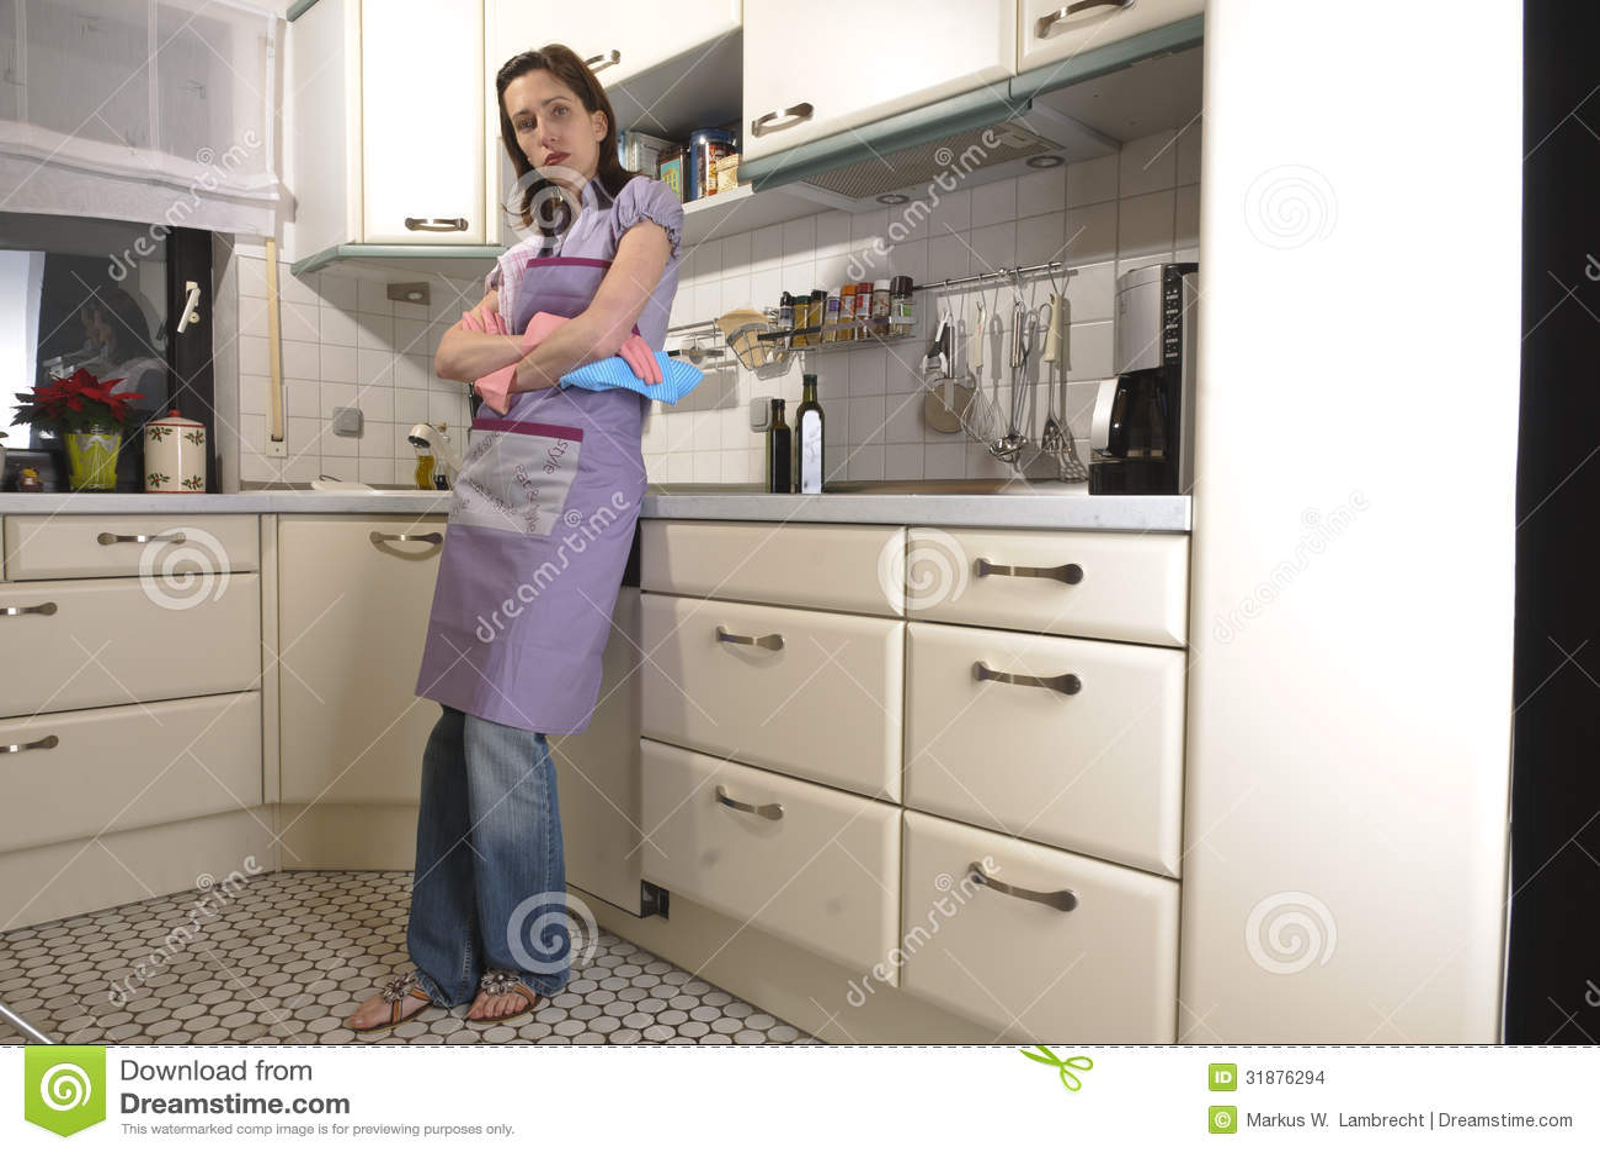 Ama de casa en la cocina limpiando foto de archivo - La cocina en casa ...